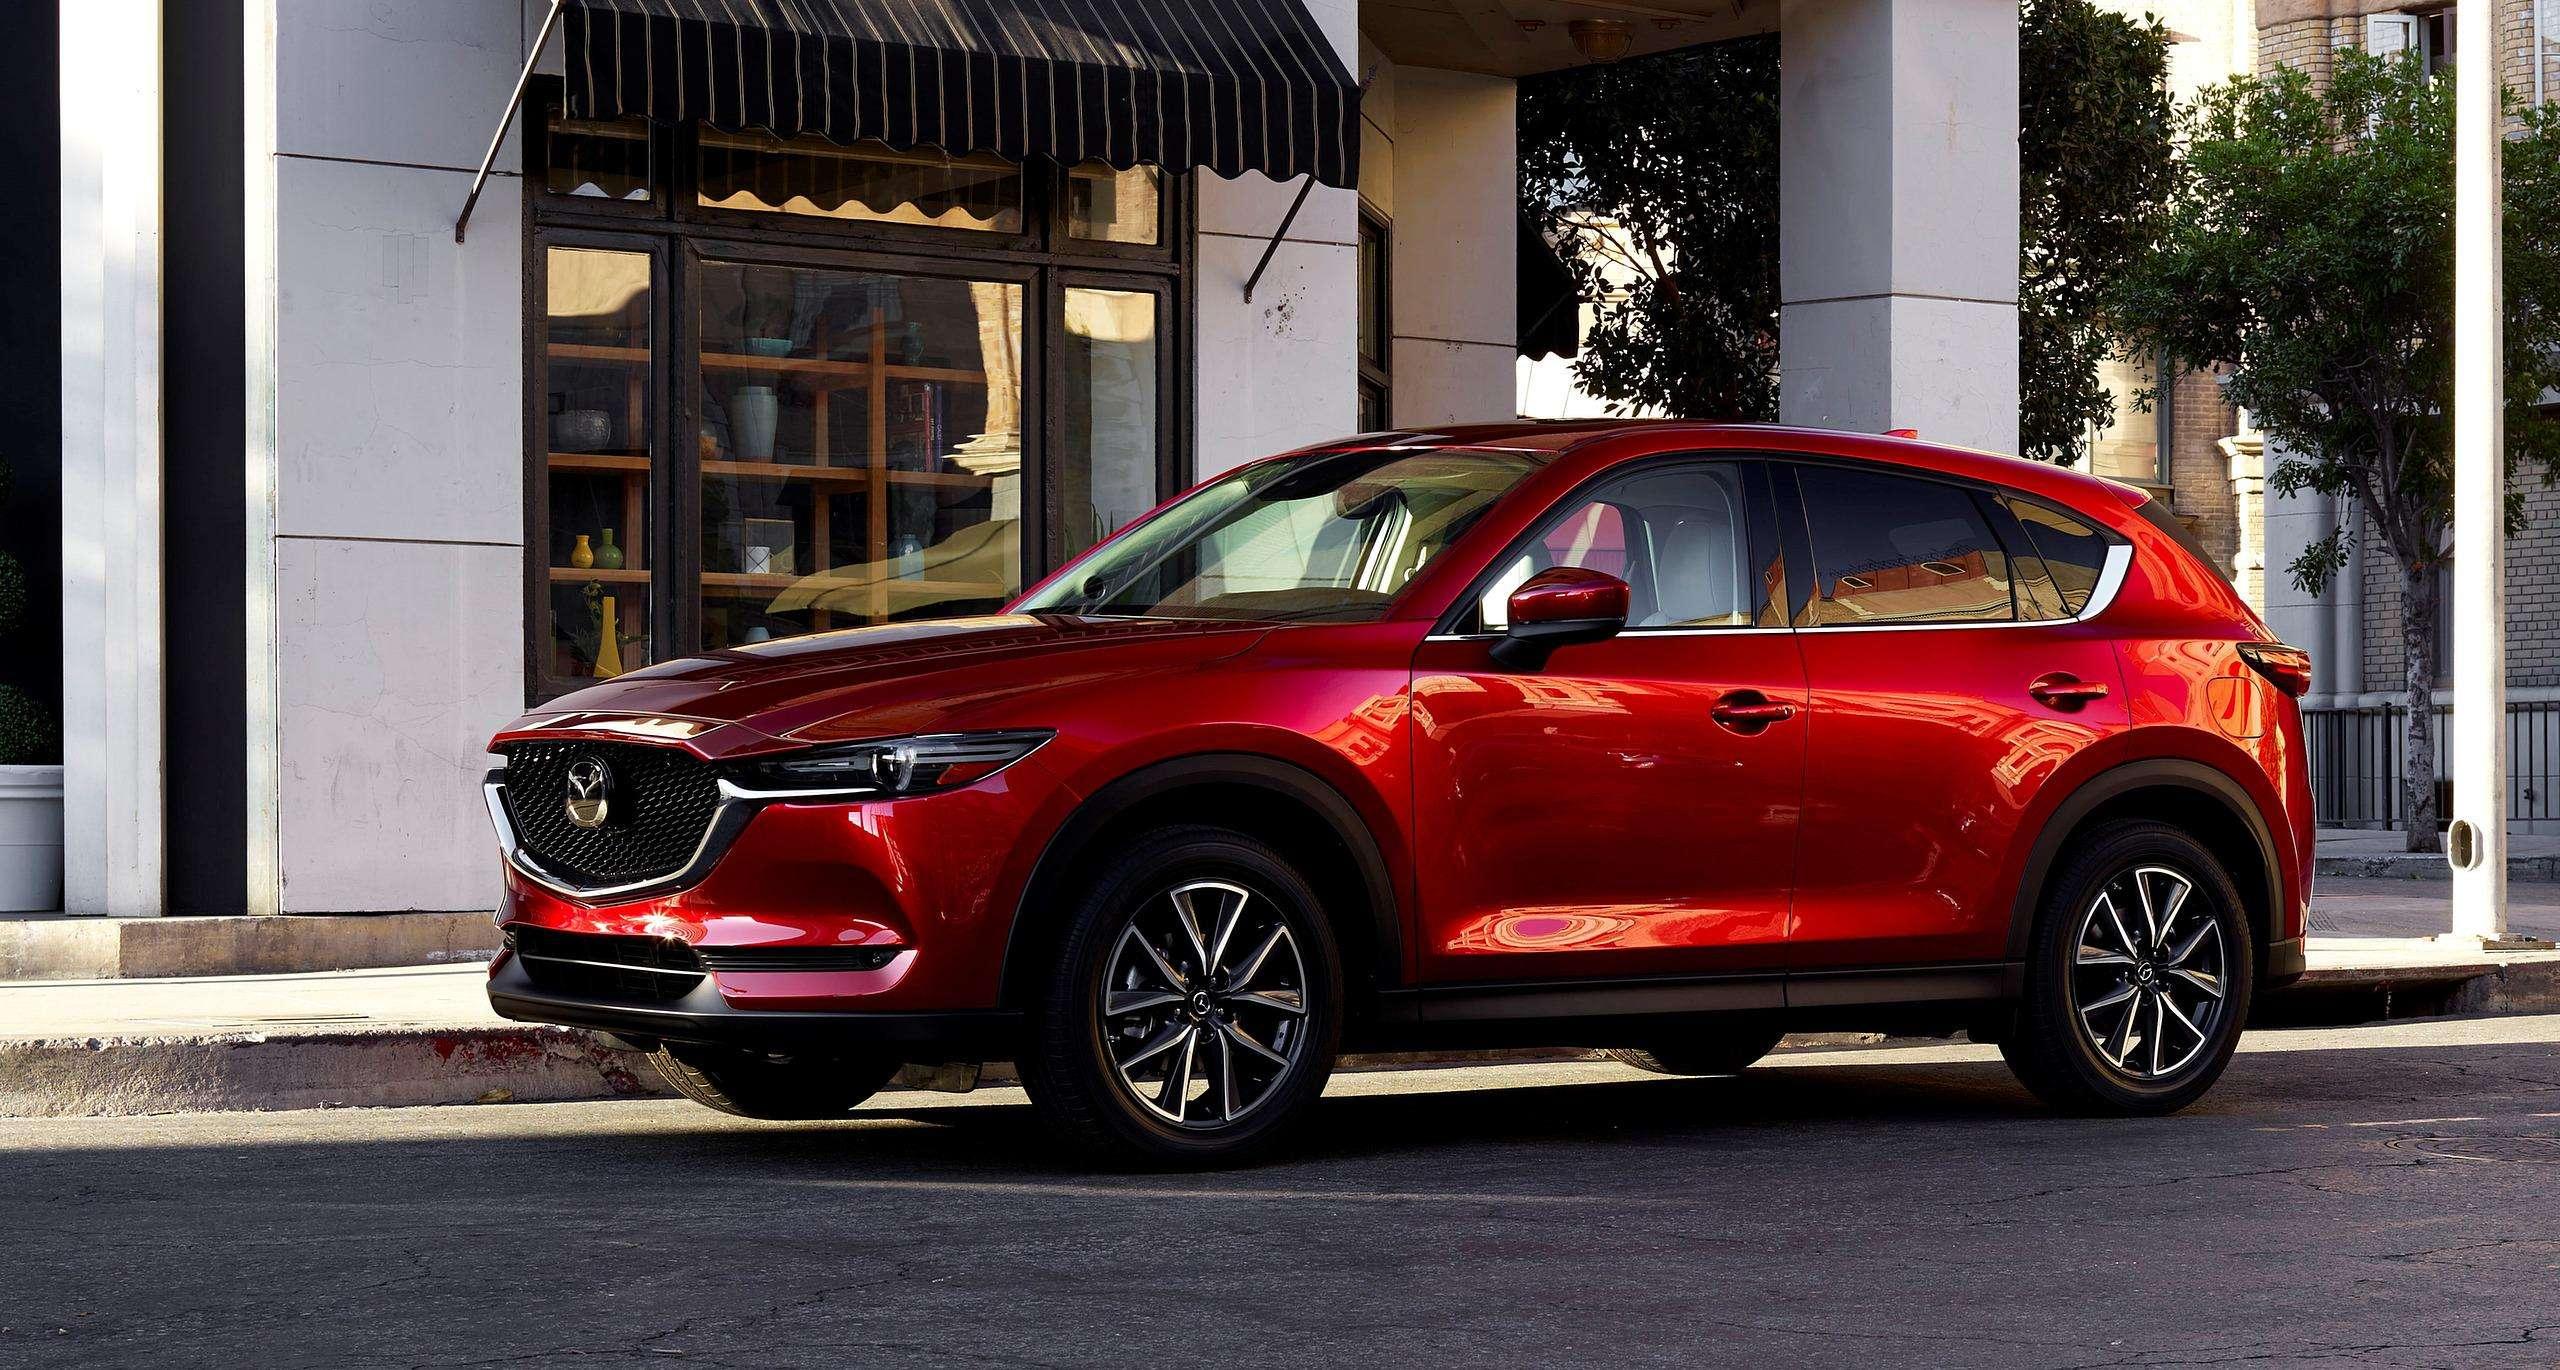 2017 mazda cx 5 6 2560x1440 - Mazda CX-5 2.2L SKYACTIV-D 150CV 2WD ESSENCE